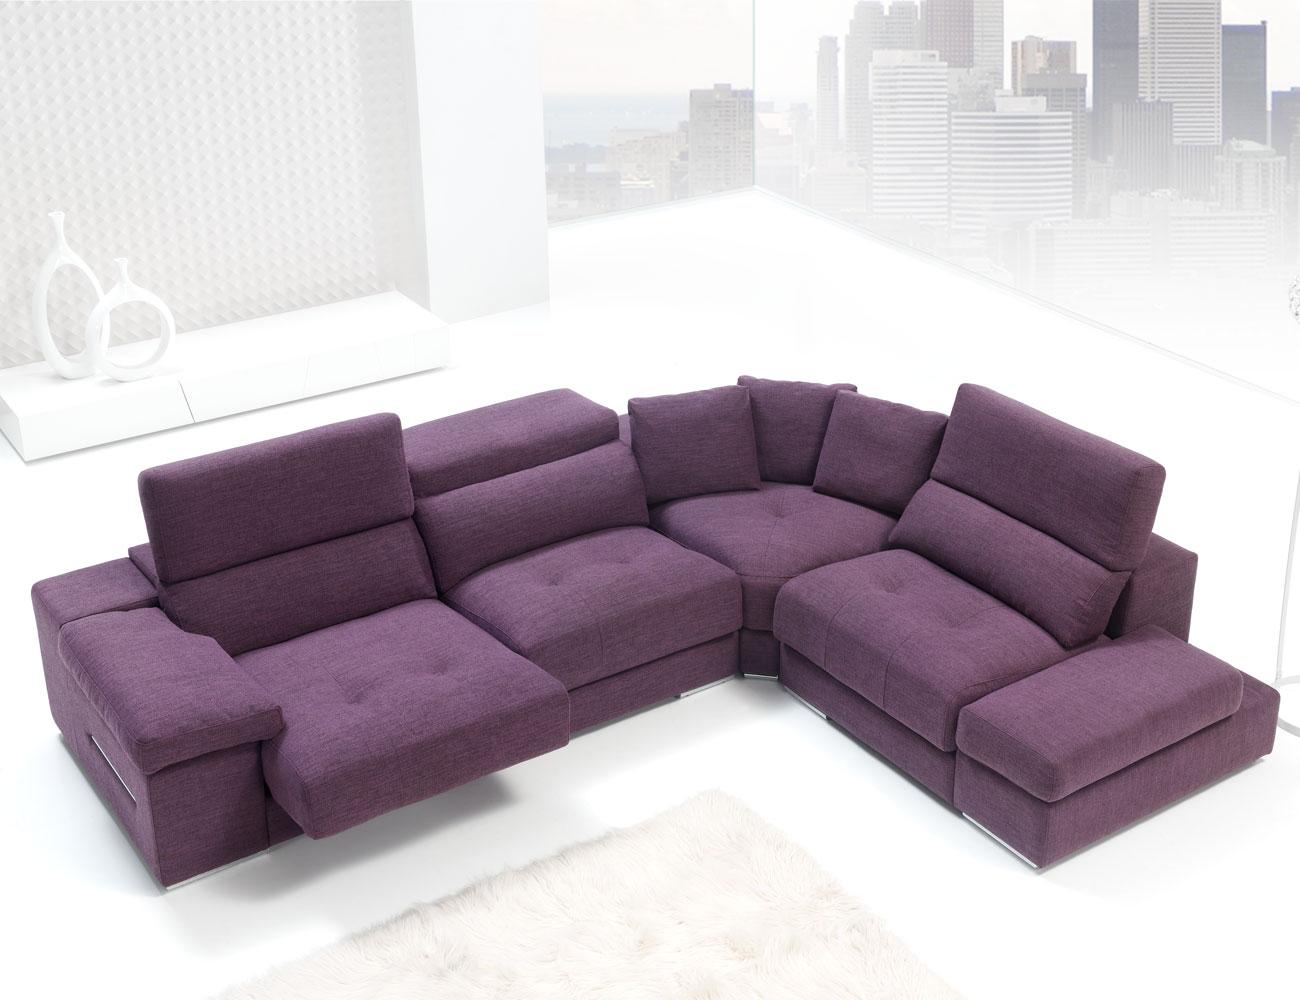 Sofa chaiselongue rincon con brazo mecanico tejido anti manchas 270